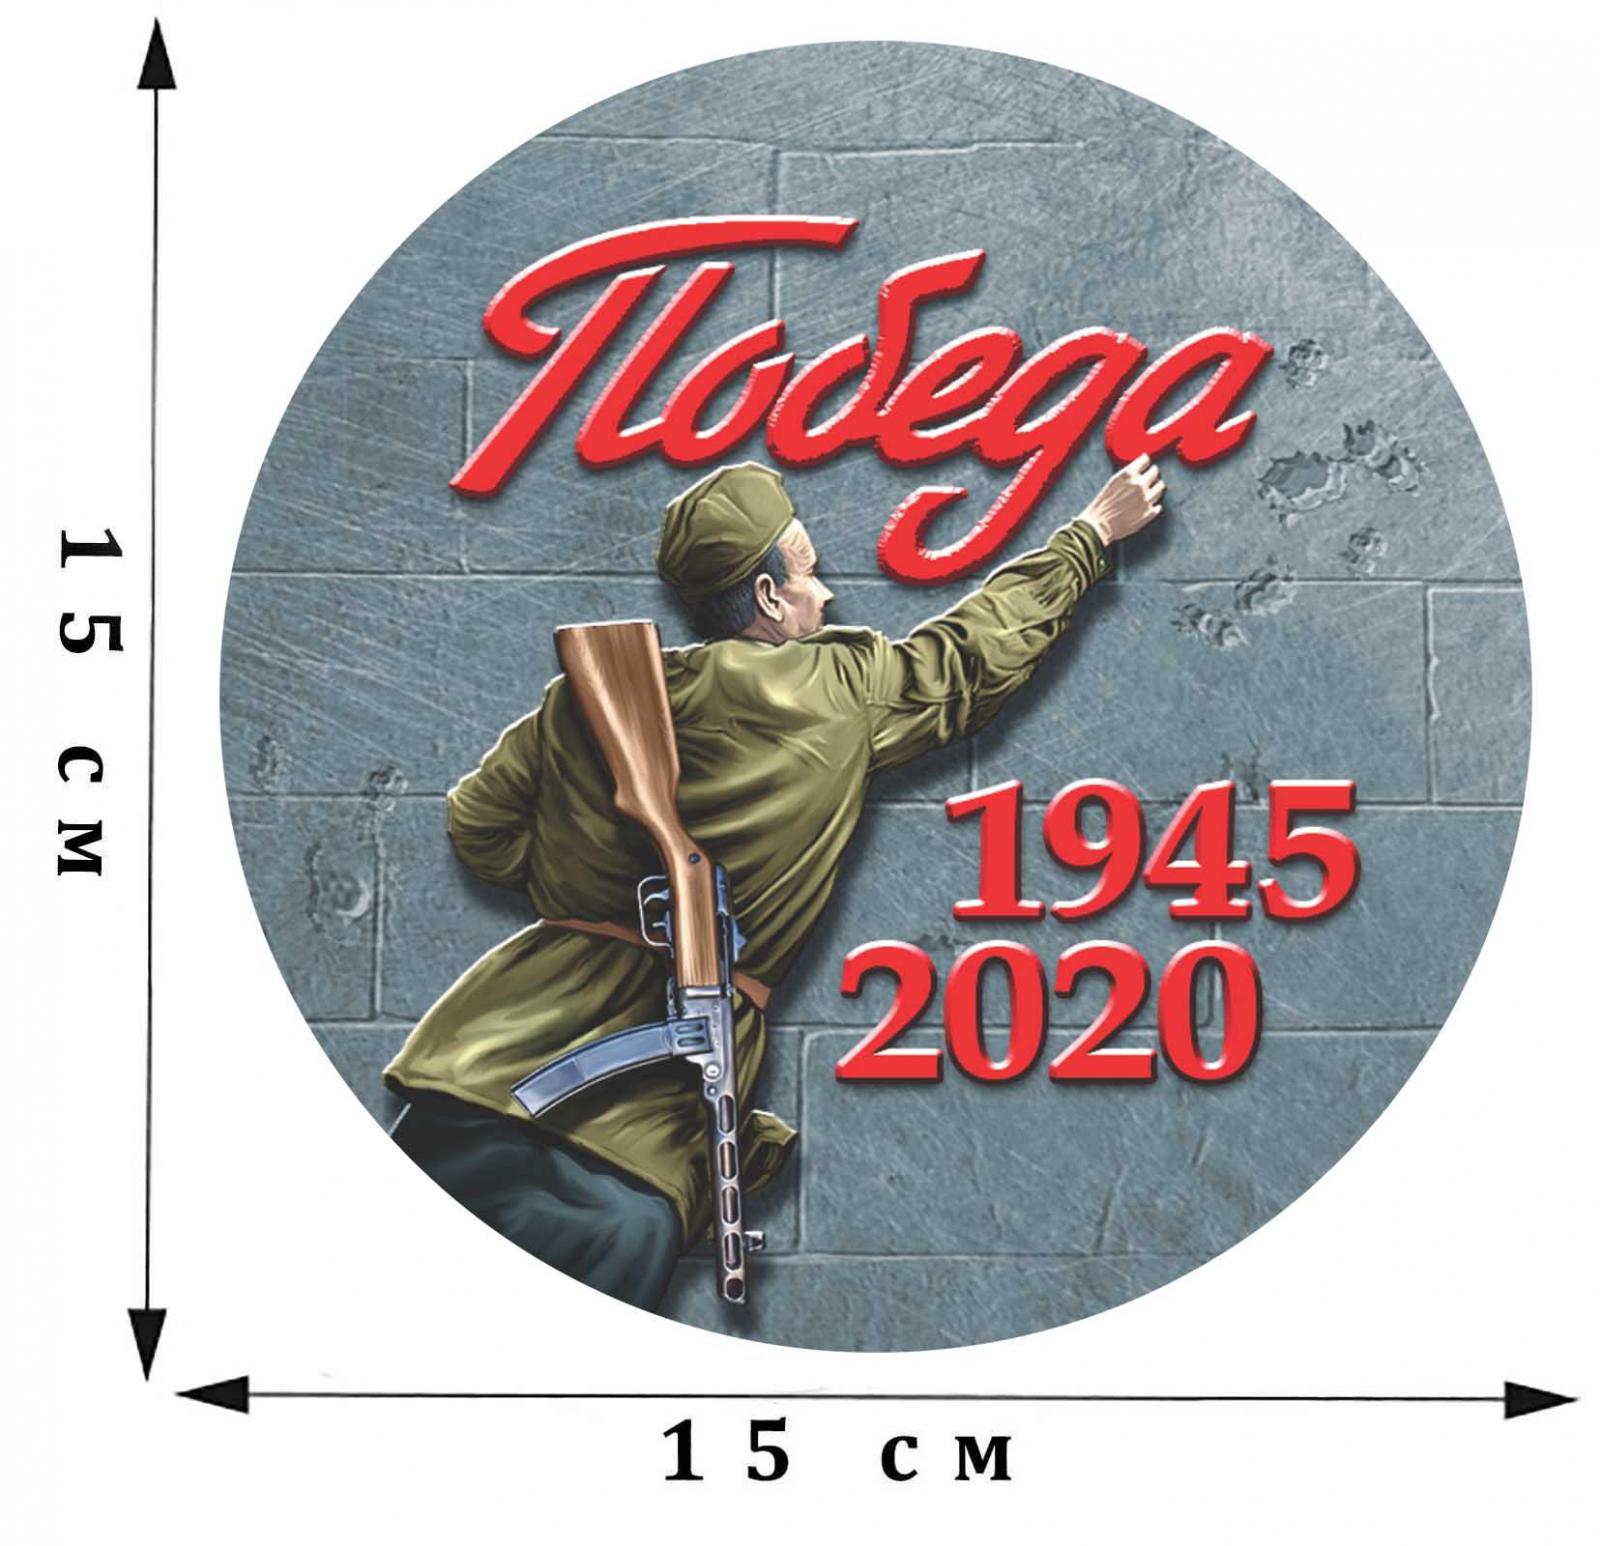 Наклейка на 9 мая «Победа! 1945-2020»